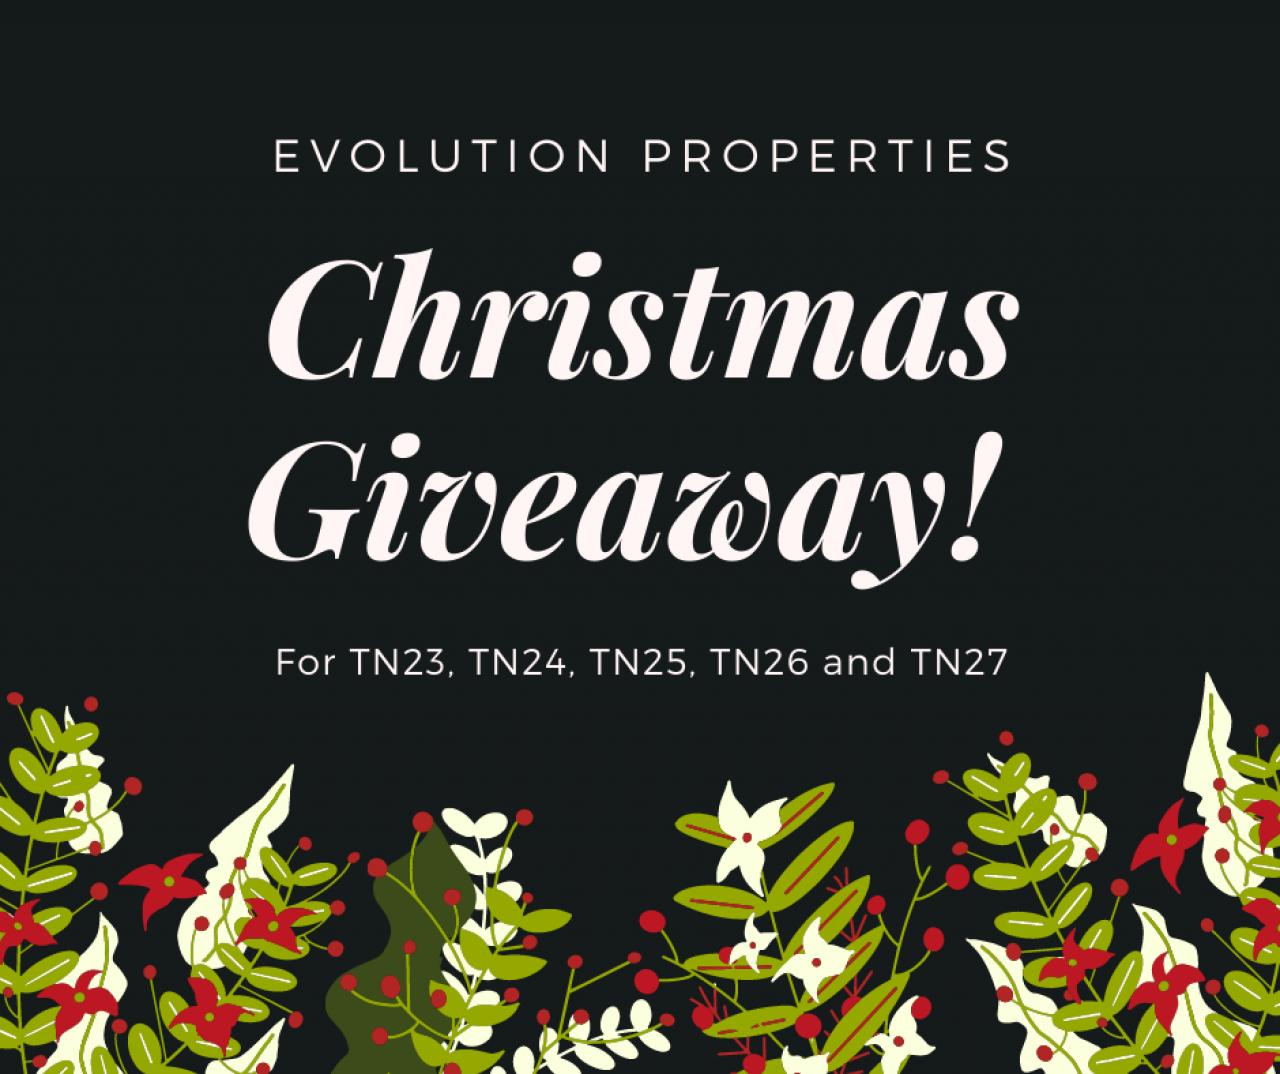 >Christmas Giveaways!